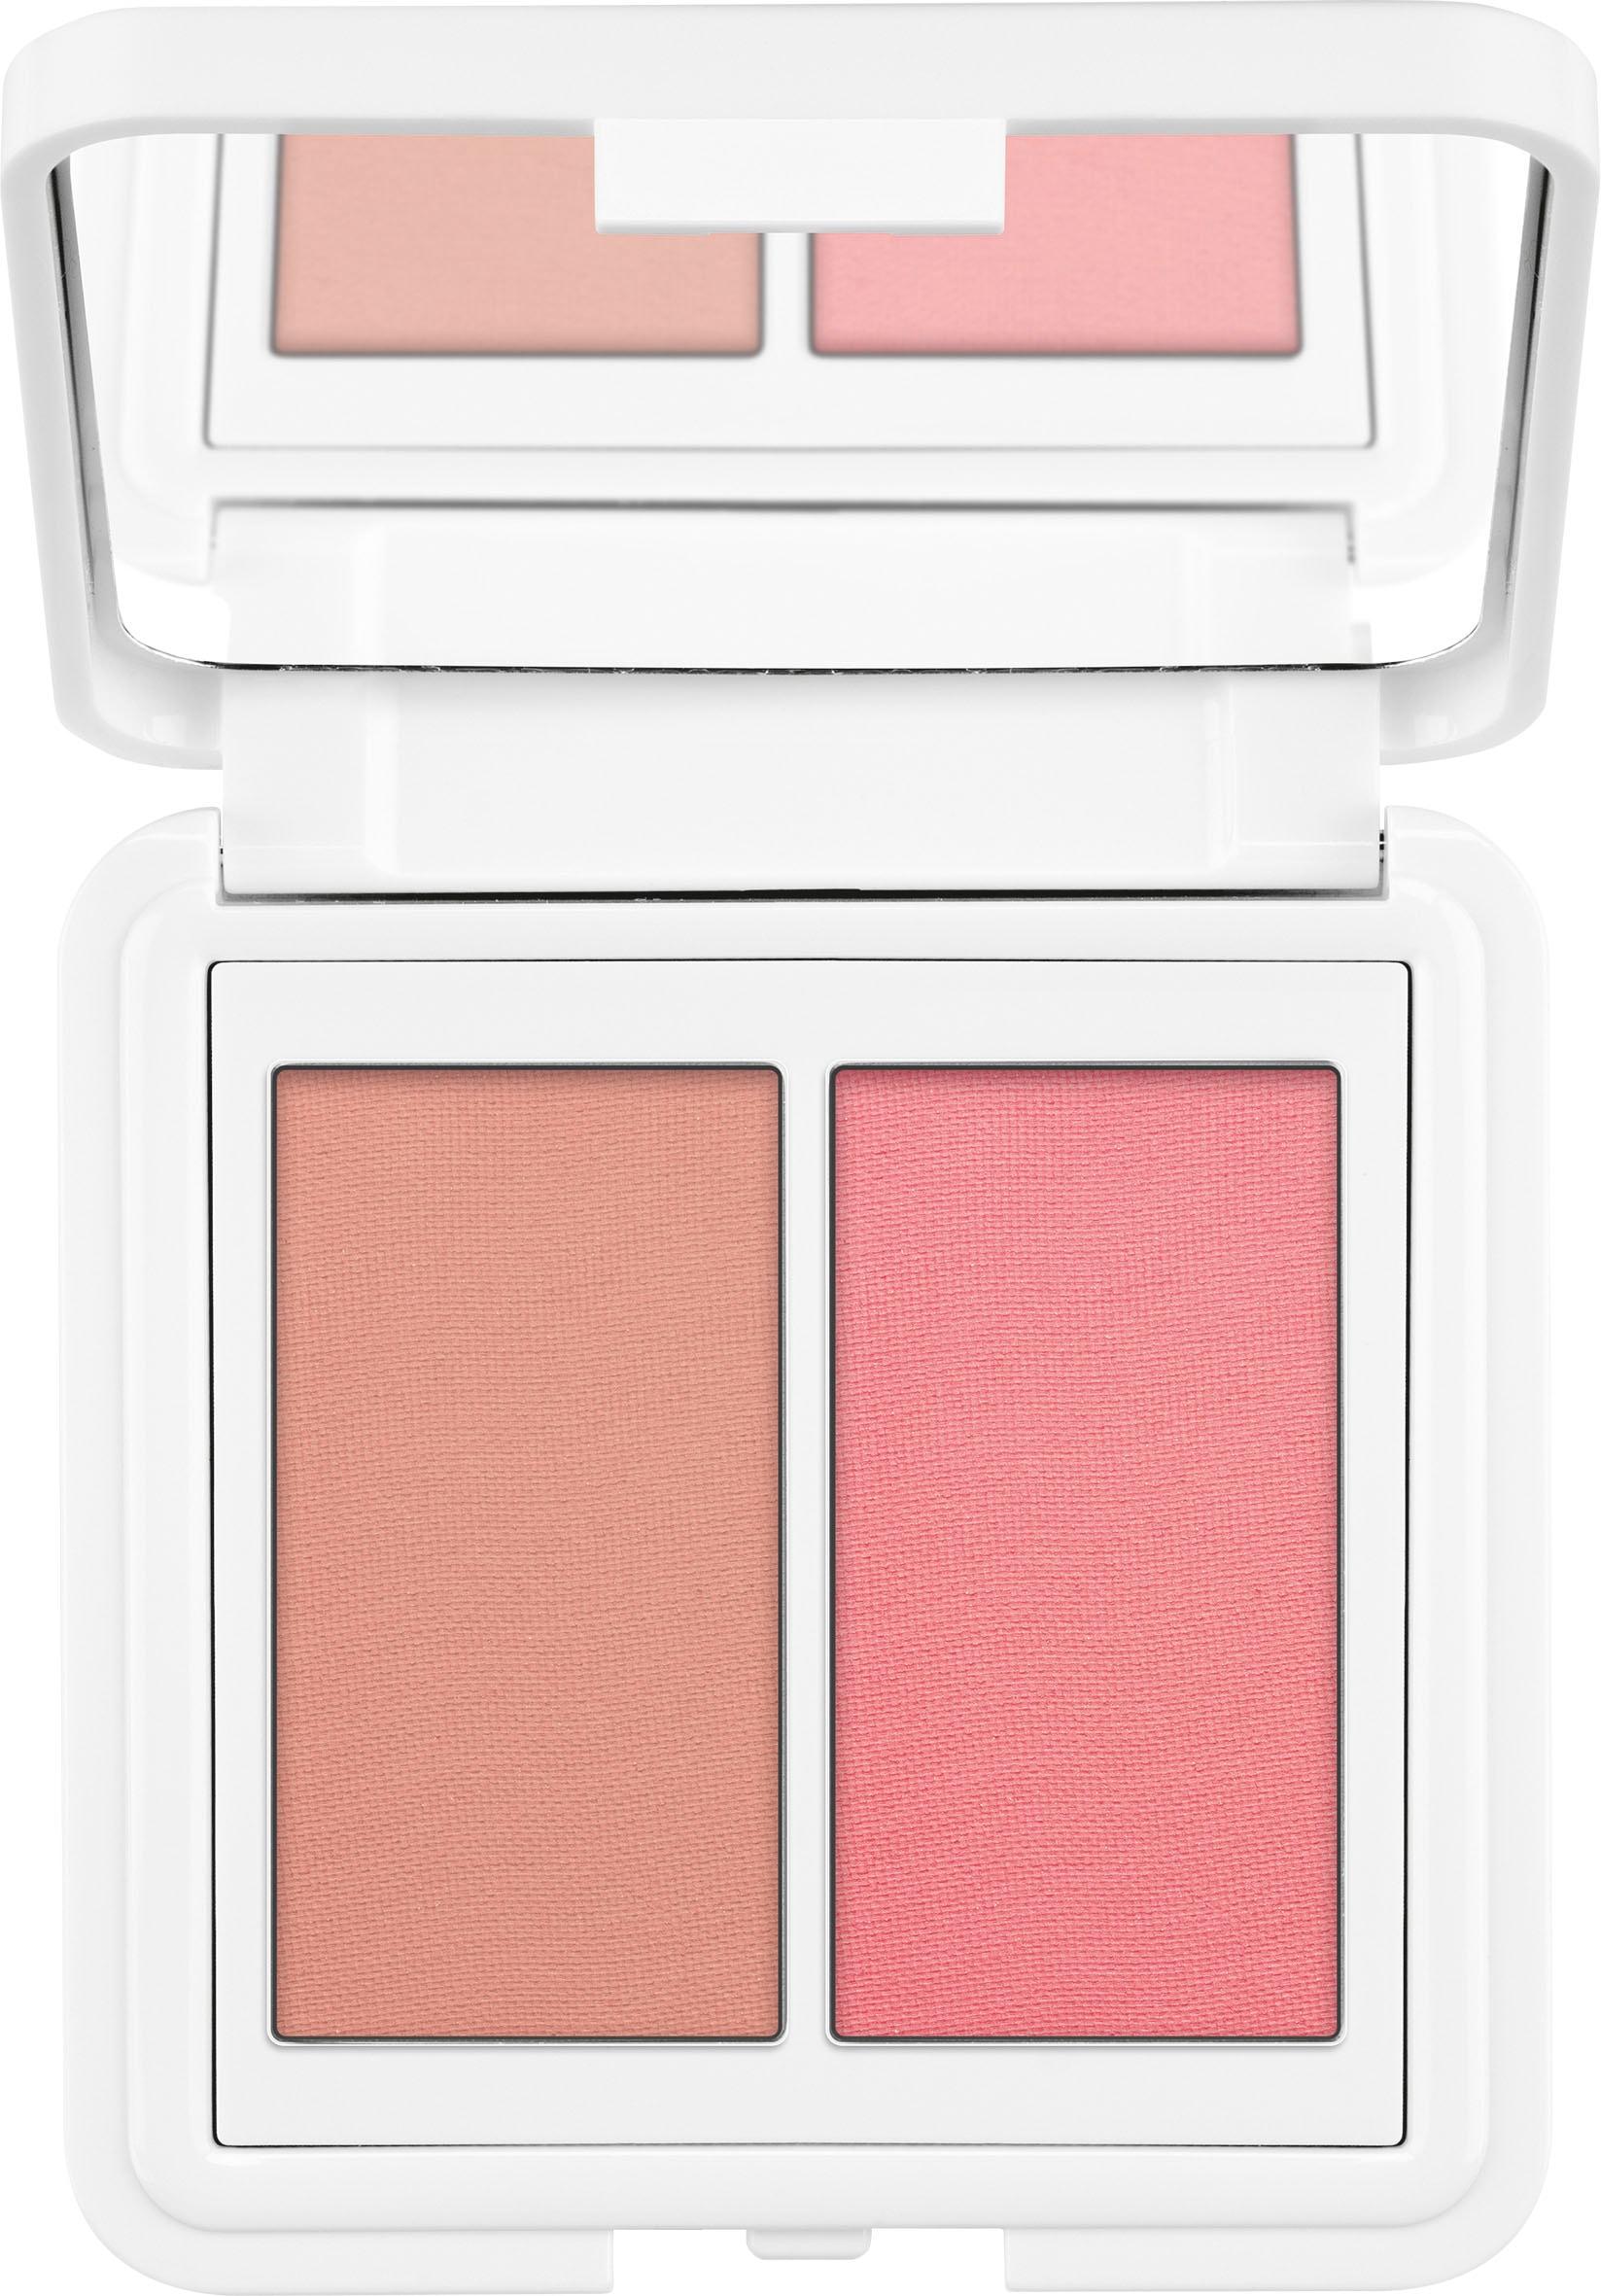 l.o.v -  Rouge-Palette  x LAETITIA LEMAK DREAM GLAZE Blushing Duo